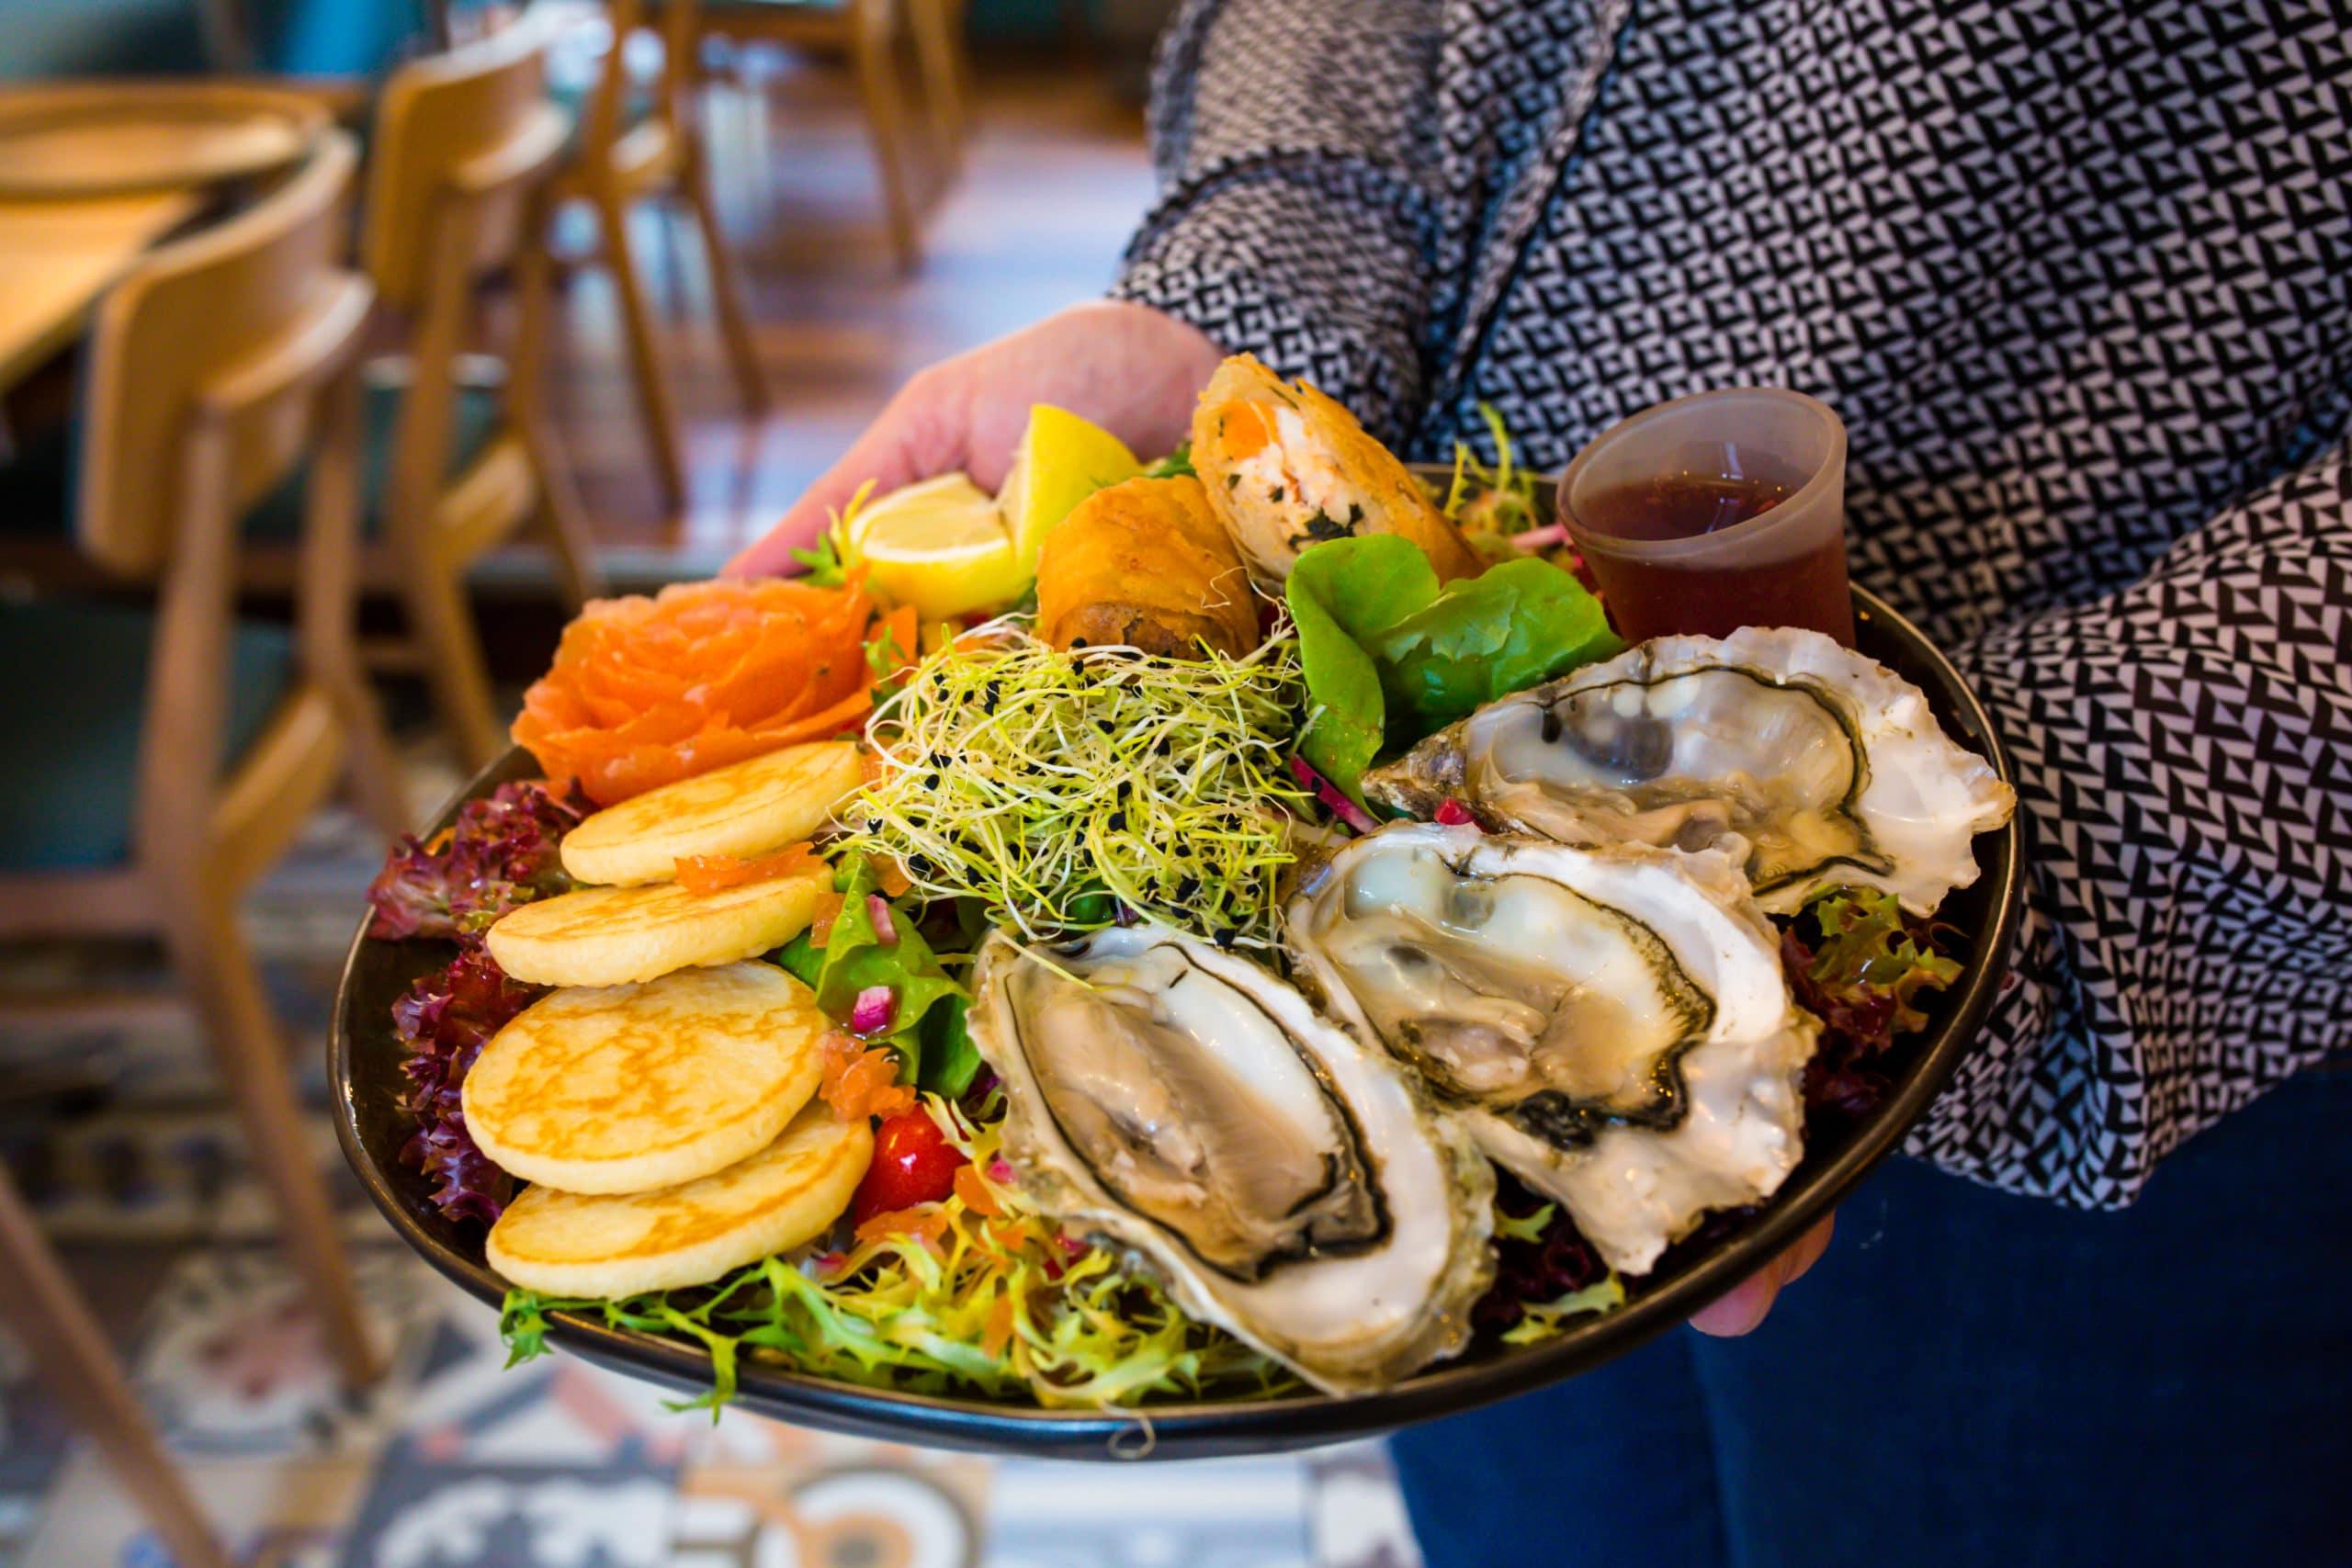 restaurant-cherbourg-pas-cher-l-antidote-plat-poissons-crustaces-nouvelle-carte ©mathildemochon